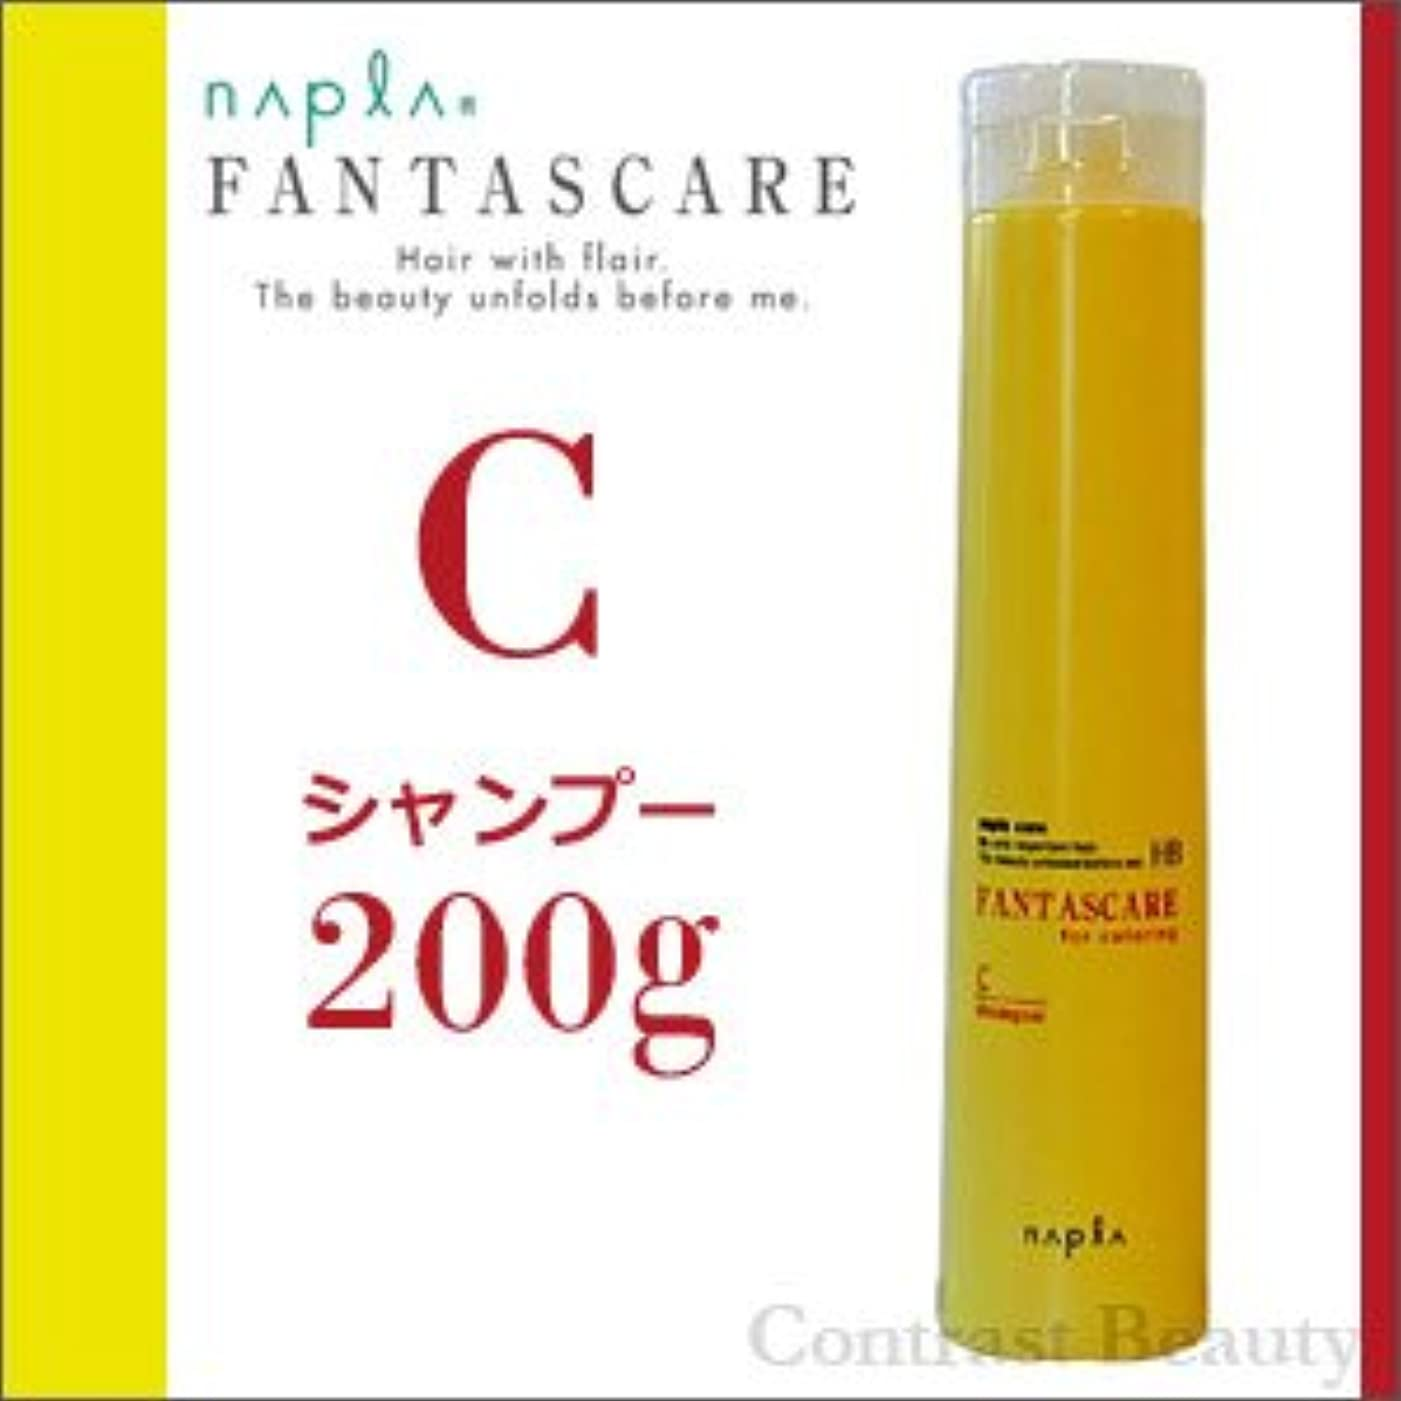 会議レイプ展開する【X5個セット】 ナプラ ファンタスケア Cシャンプー 200g napla